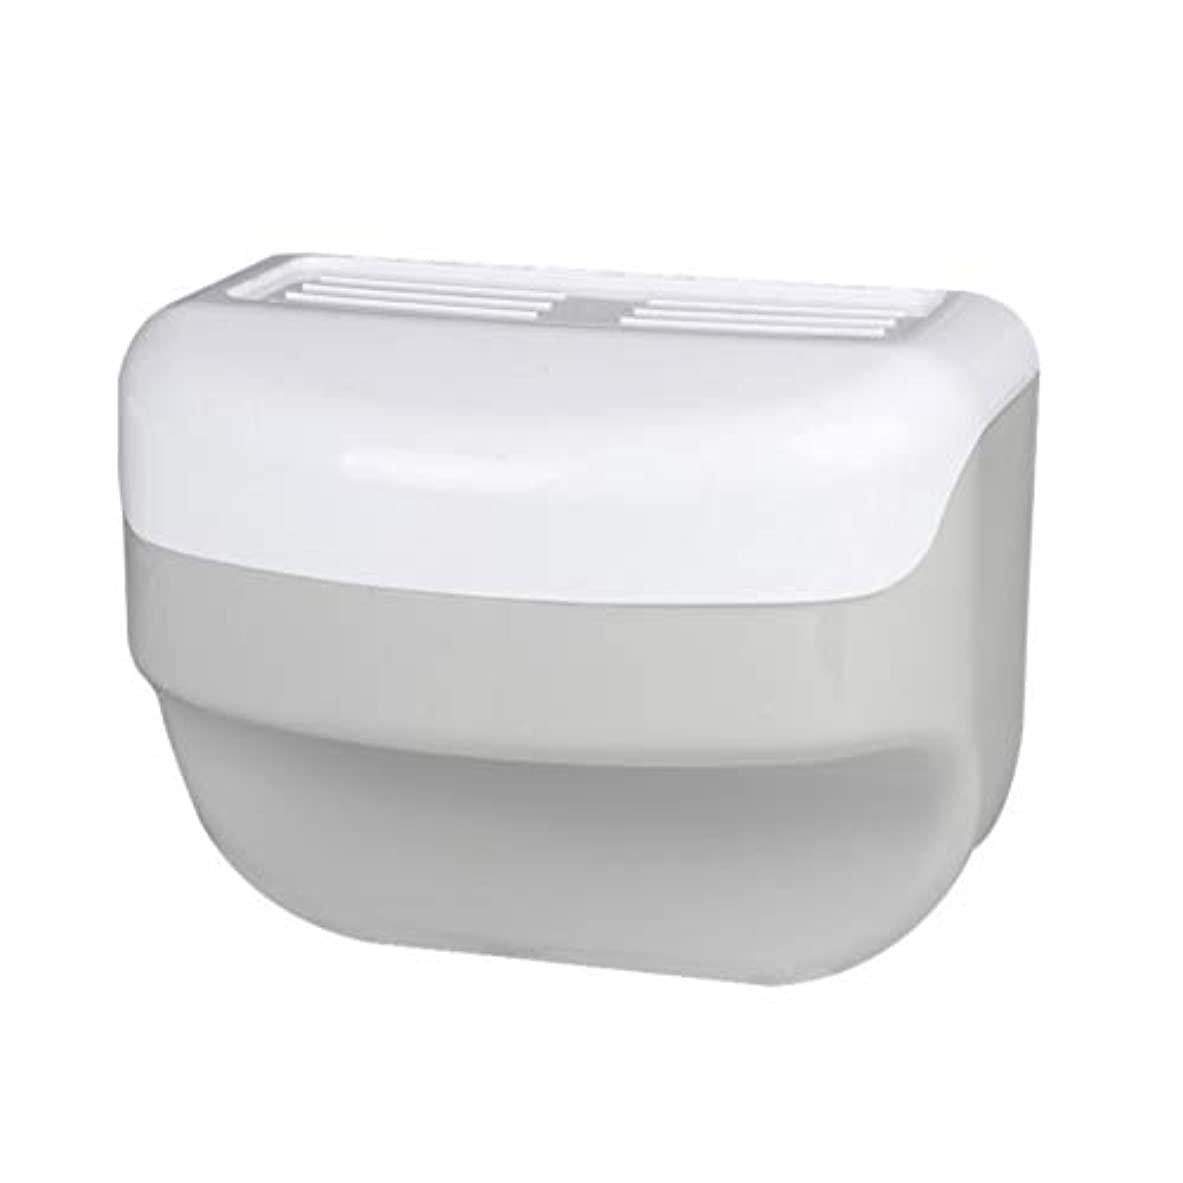 ブラジャーブローモーターTOPBATHY 浴室トイレティッシュボックスラック壁吸盤ロールホルダーフリー掘削ネイルフリーティッシュボックス